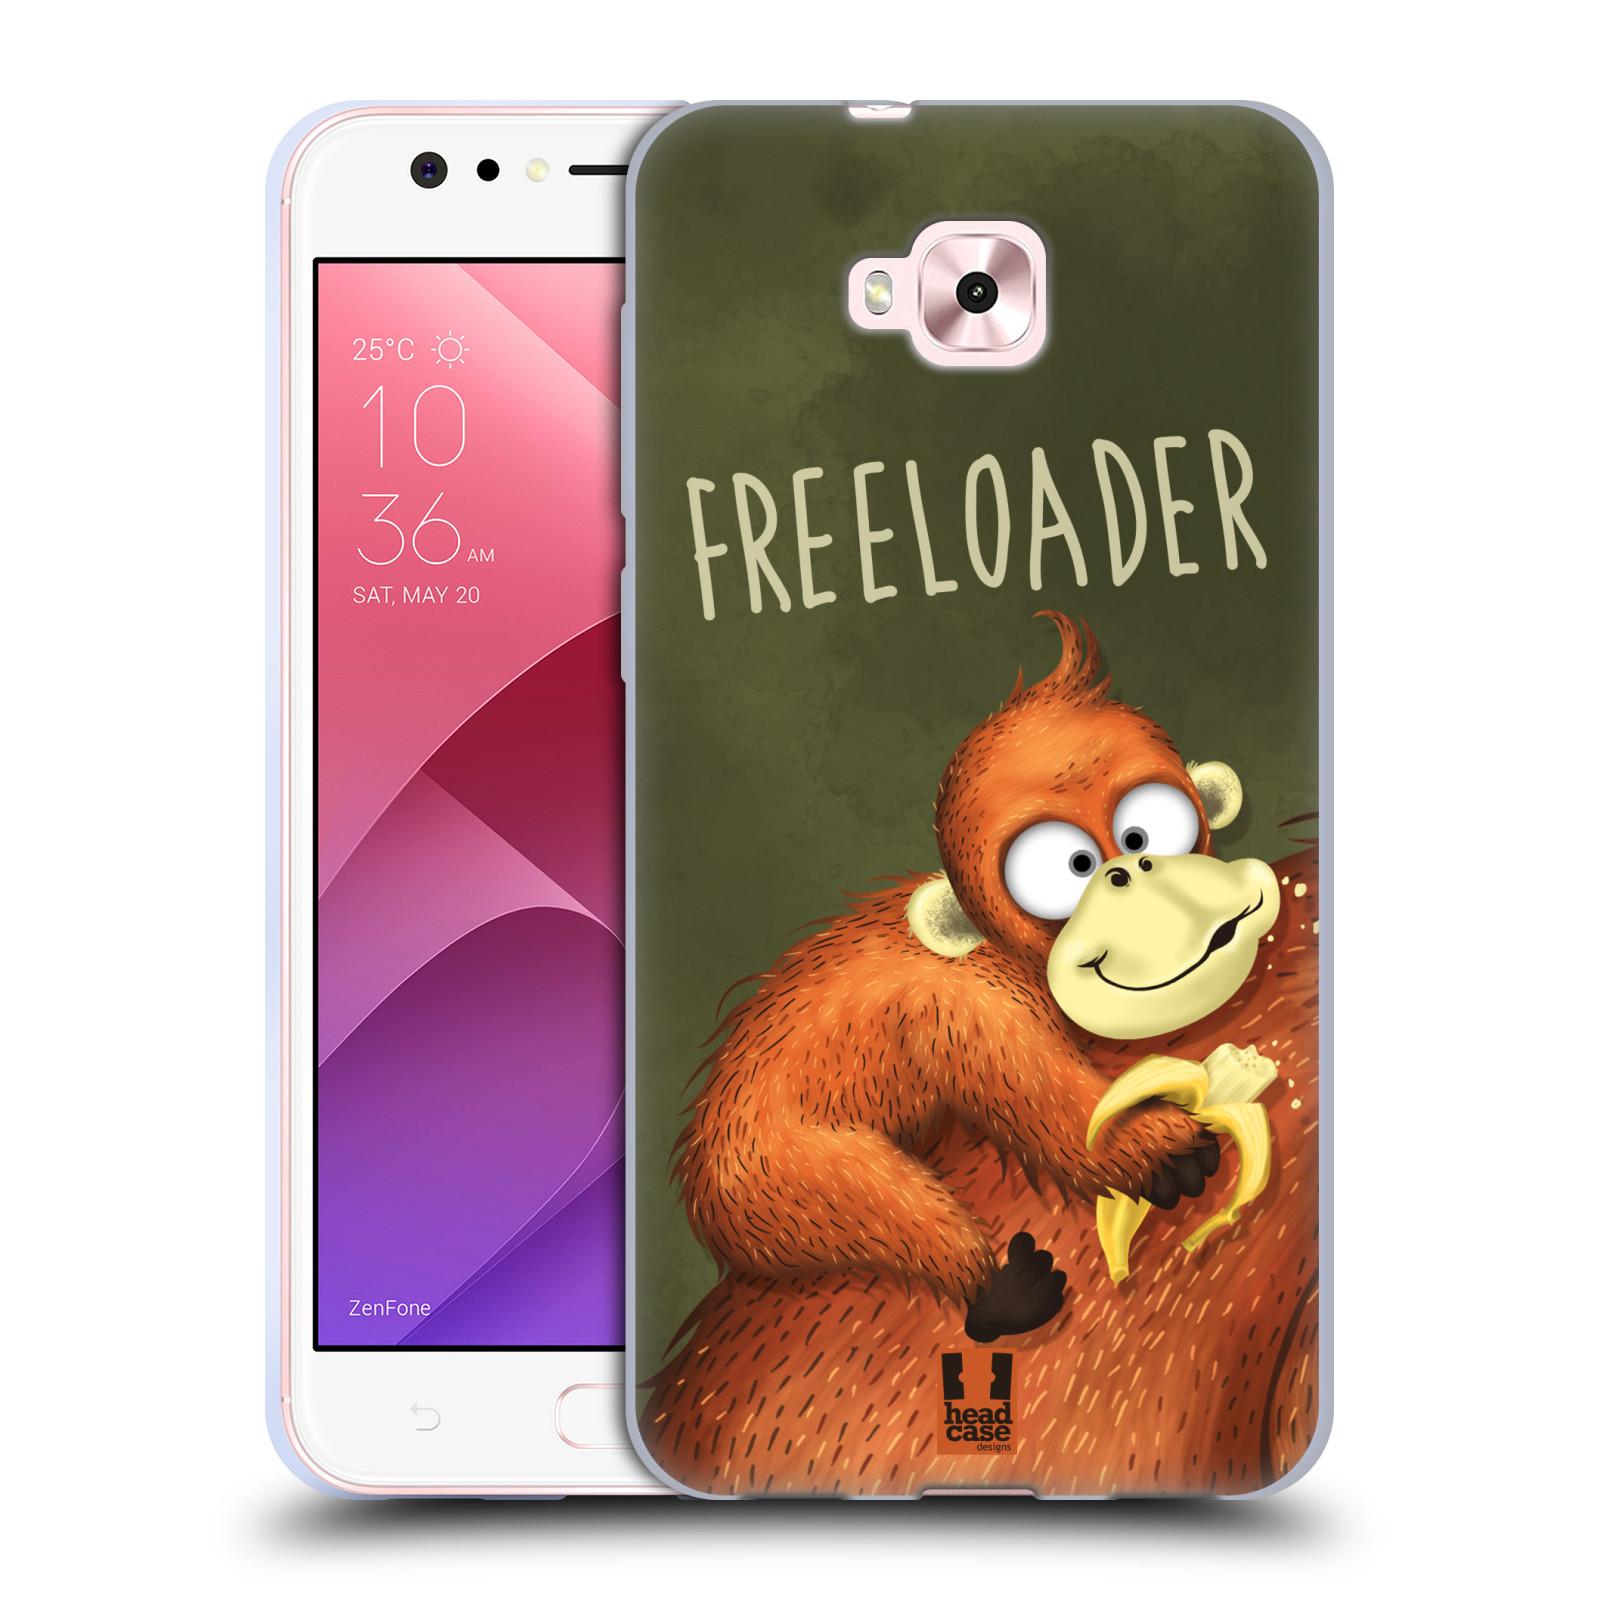 Silikonové pouzdro na mobil Asus Zenfone 4 Selfie ZD553KL - Head Case - Opičák Freeloader